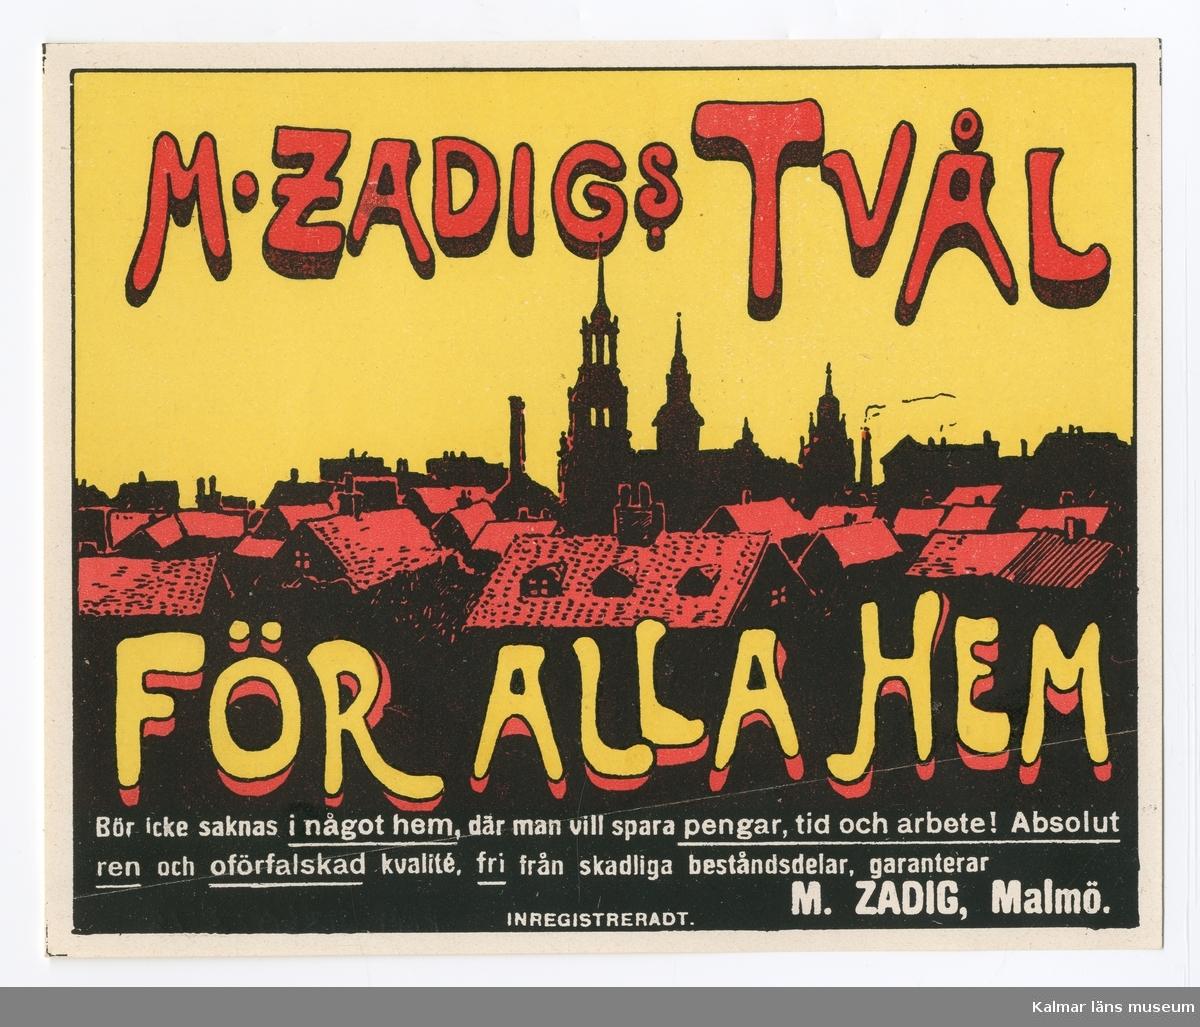 KLM 21360:3:16 Etikett, av papper, tryck av litografisk etikett. På etiketten text, M. Zadigs Tvål. I färgen rött, svart och gult. Text i gult och rött. Beställare: M. Zadig, Malmö. Tryckt på Janssons Litografisk tryckeri i Kalmar. Trycket låg löst i provbok med varuetiketter mm, KLM 21360:1.